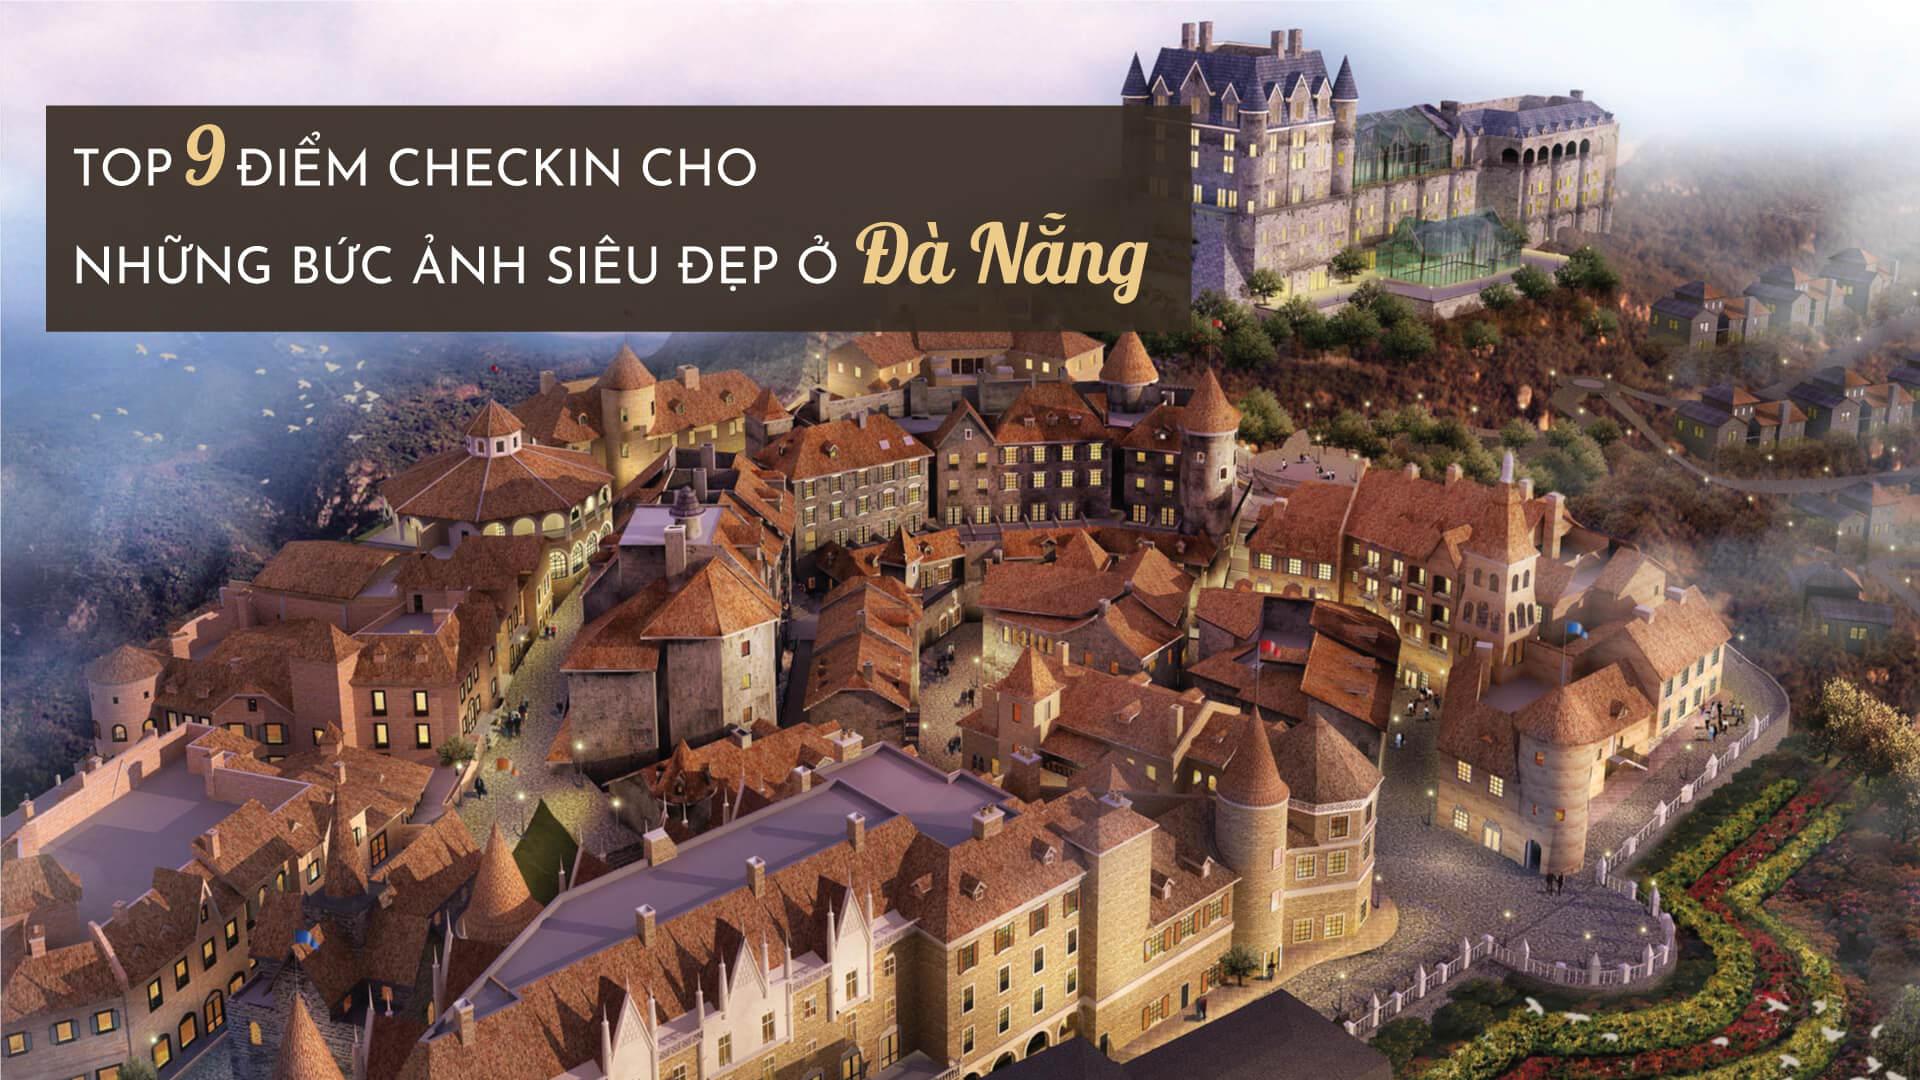 Top 9 điểm check-in cho những bức ảnh siêu đẹp ở Đà Nẵng